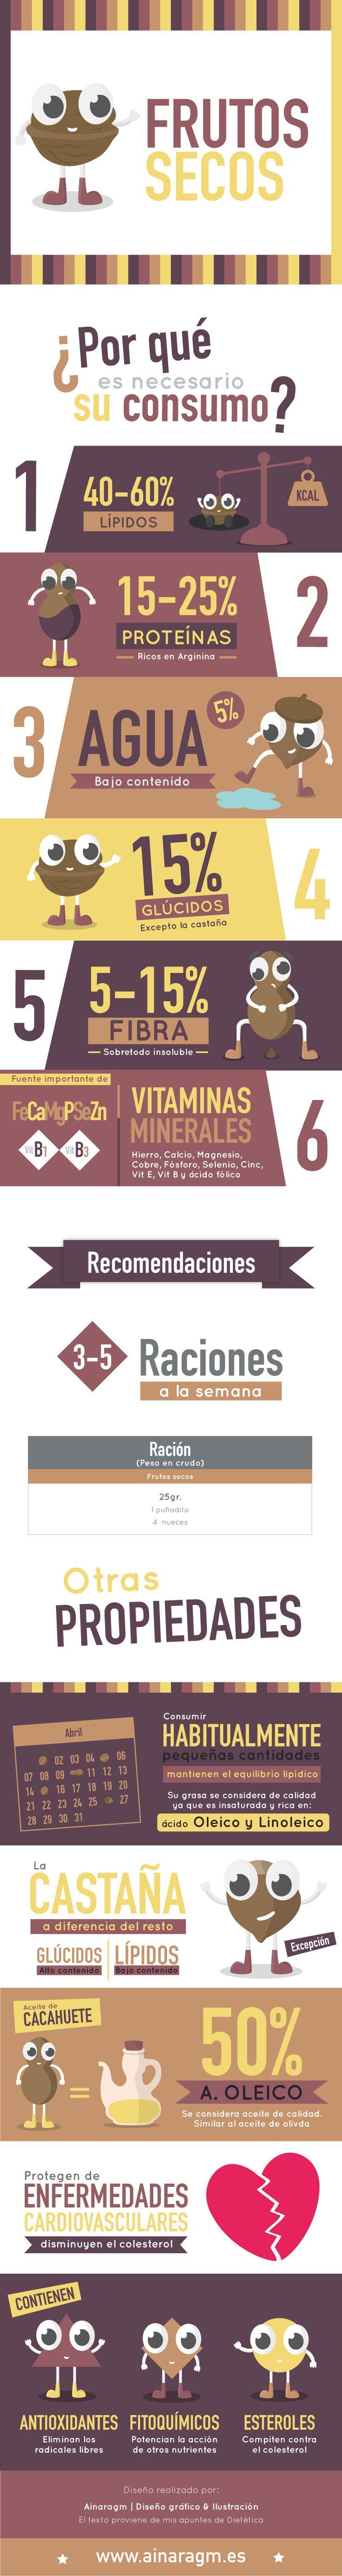 #Infografia sobre los beneficios de los #FrutosSecos